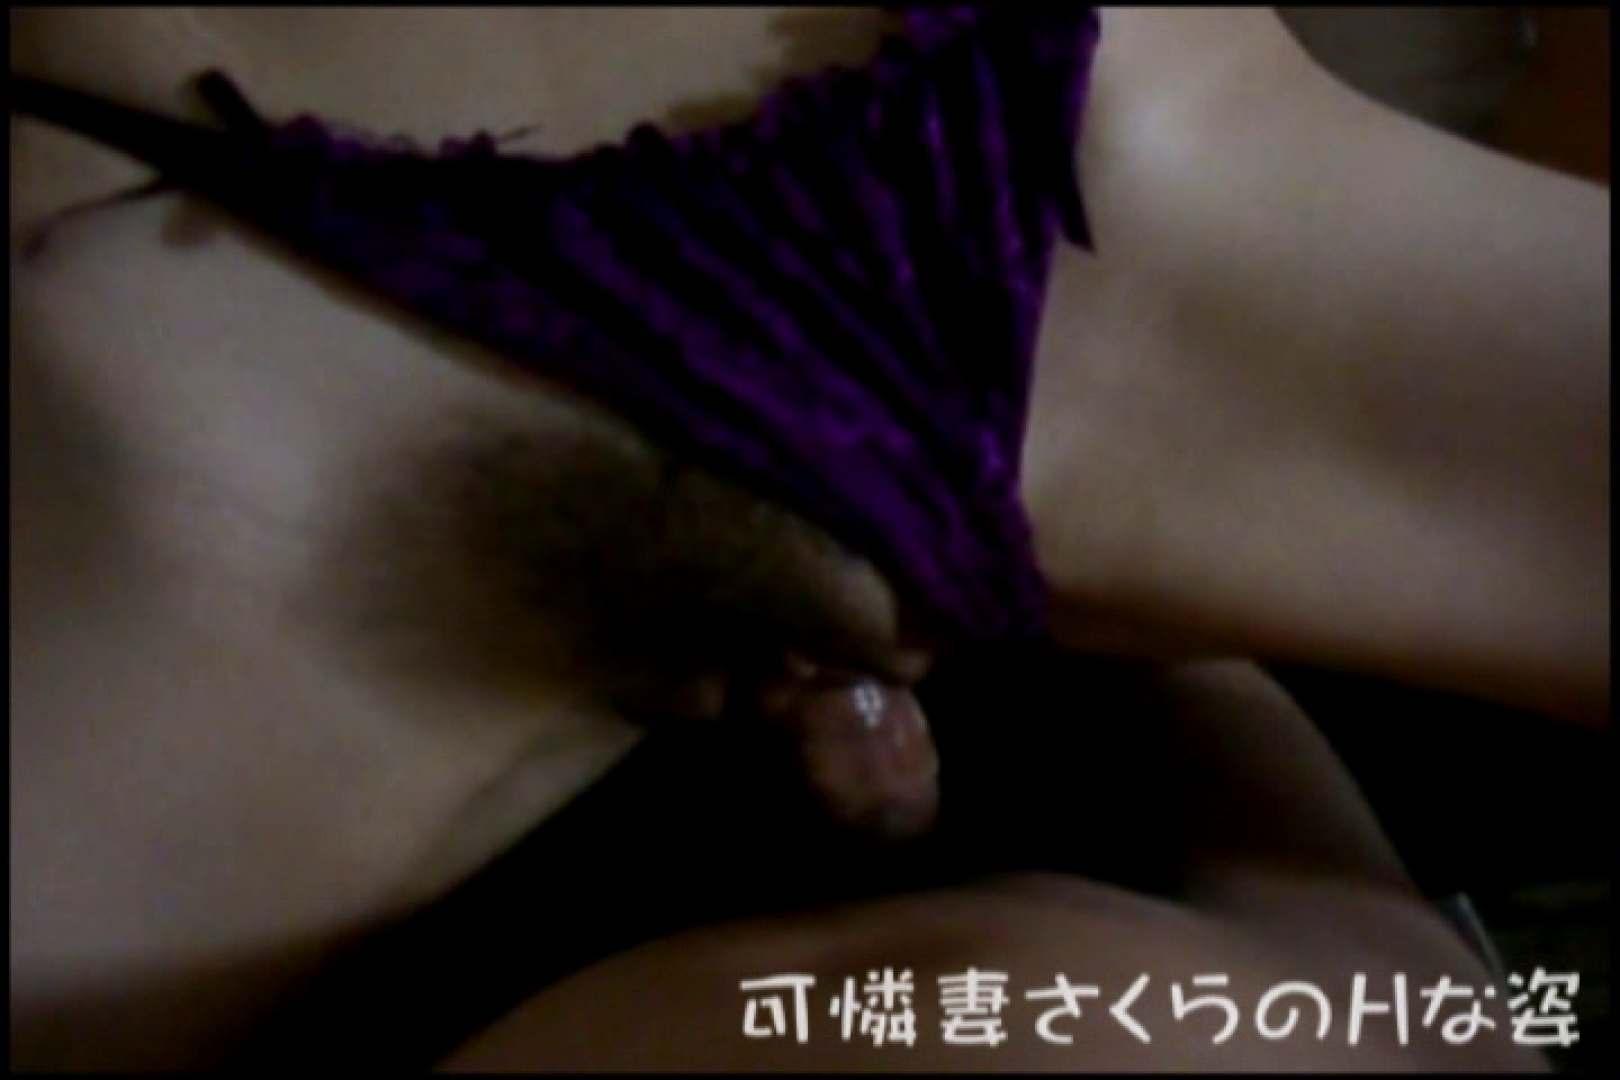 可憐妻さくらのHな姿vol.6 OLのエロ生活 隠し撮りオマンコ動画紹介 65連発 38